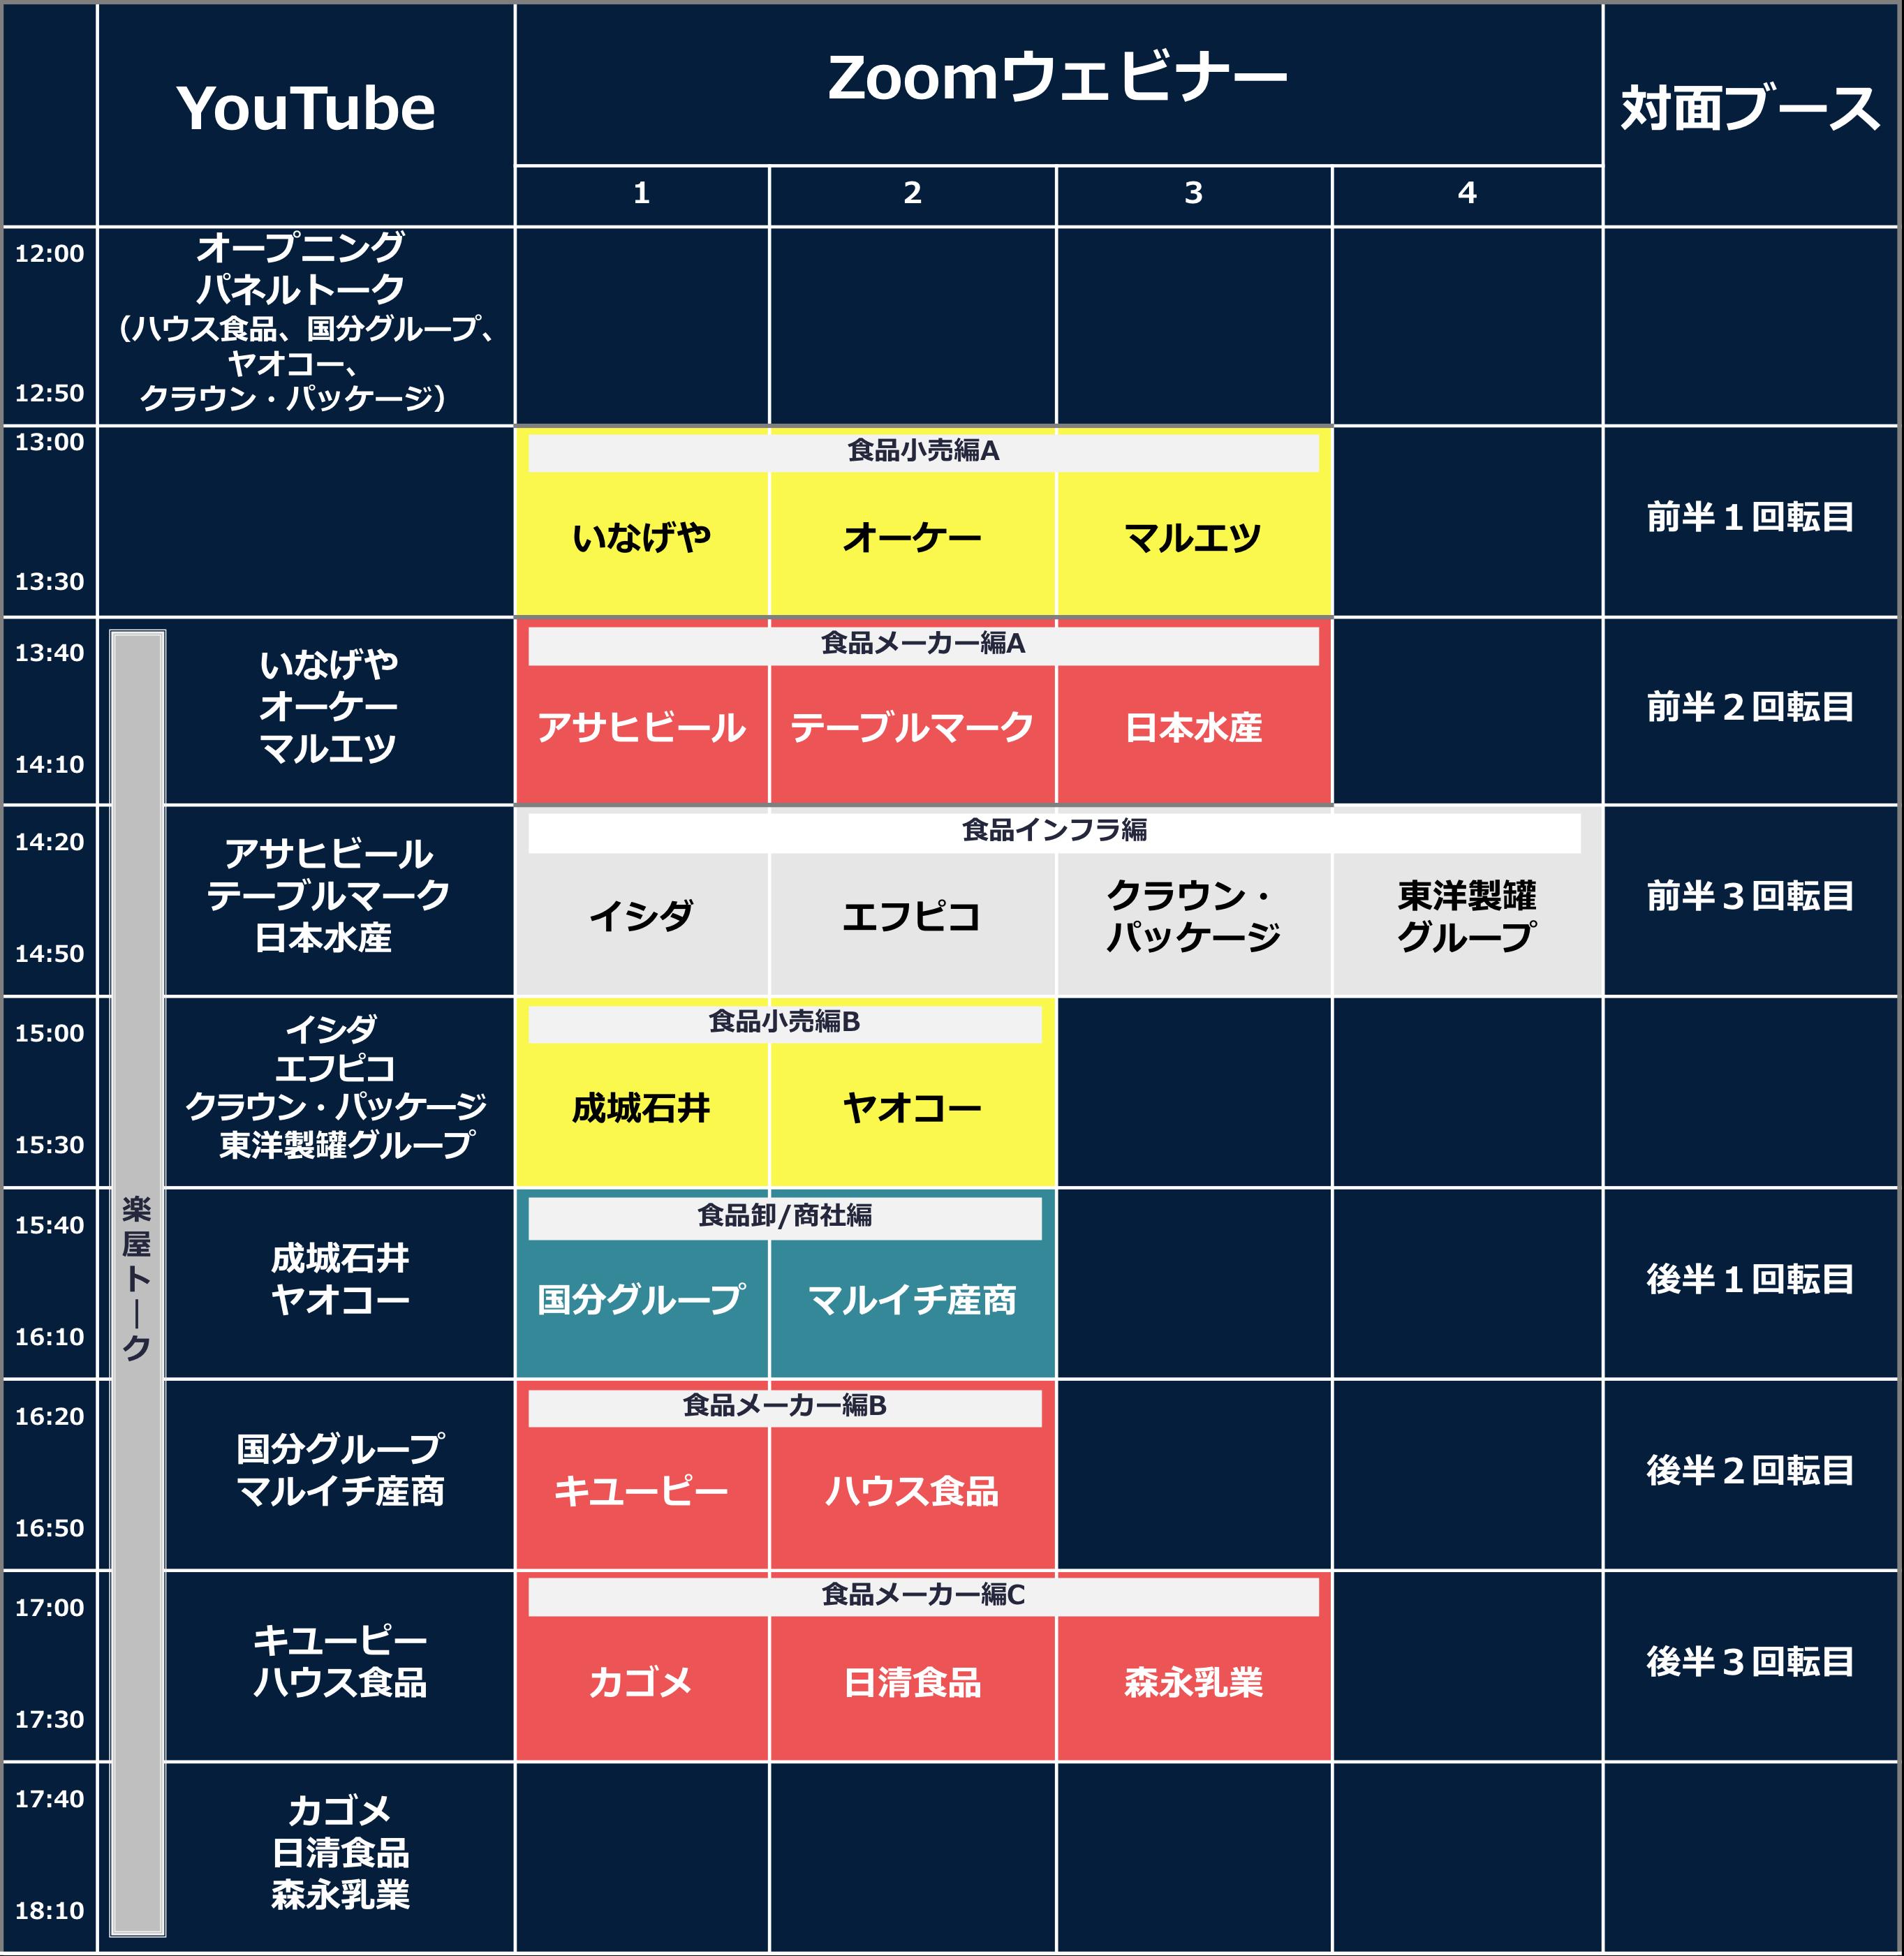 七夕イベント タイムスケジュール